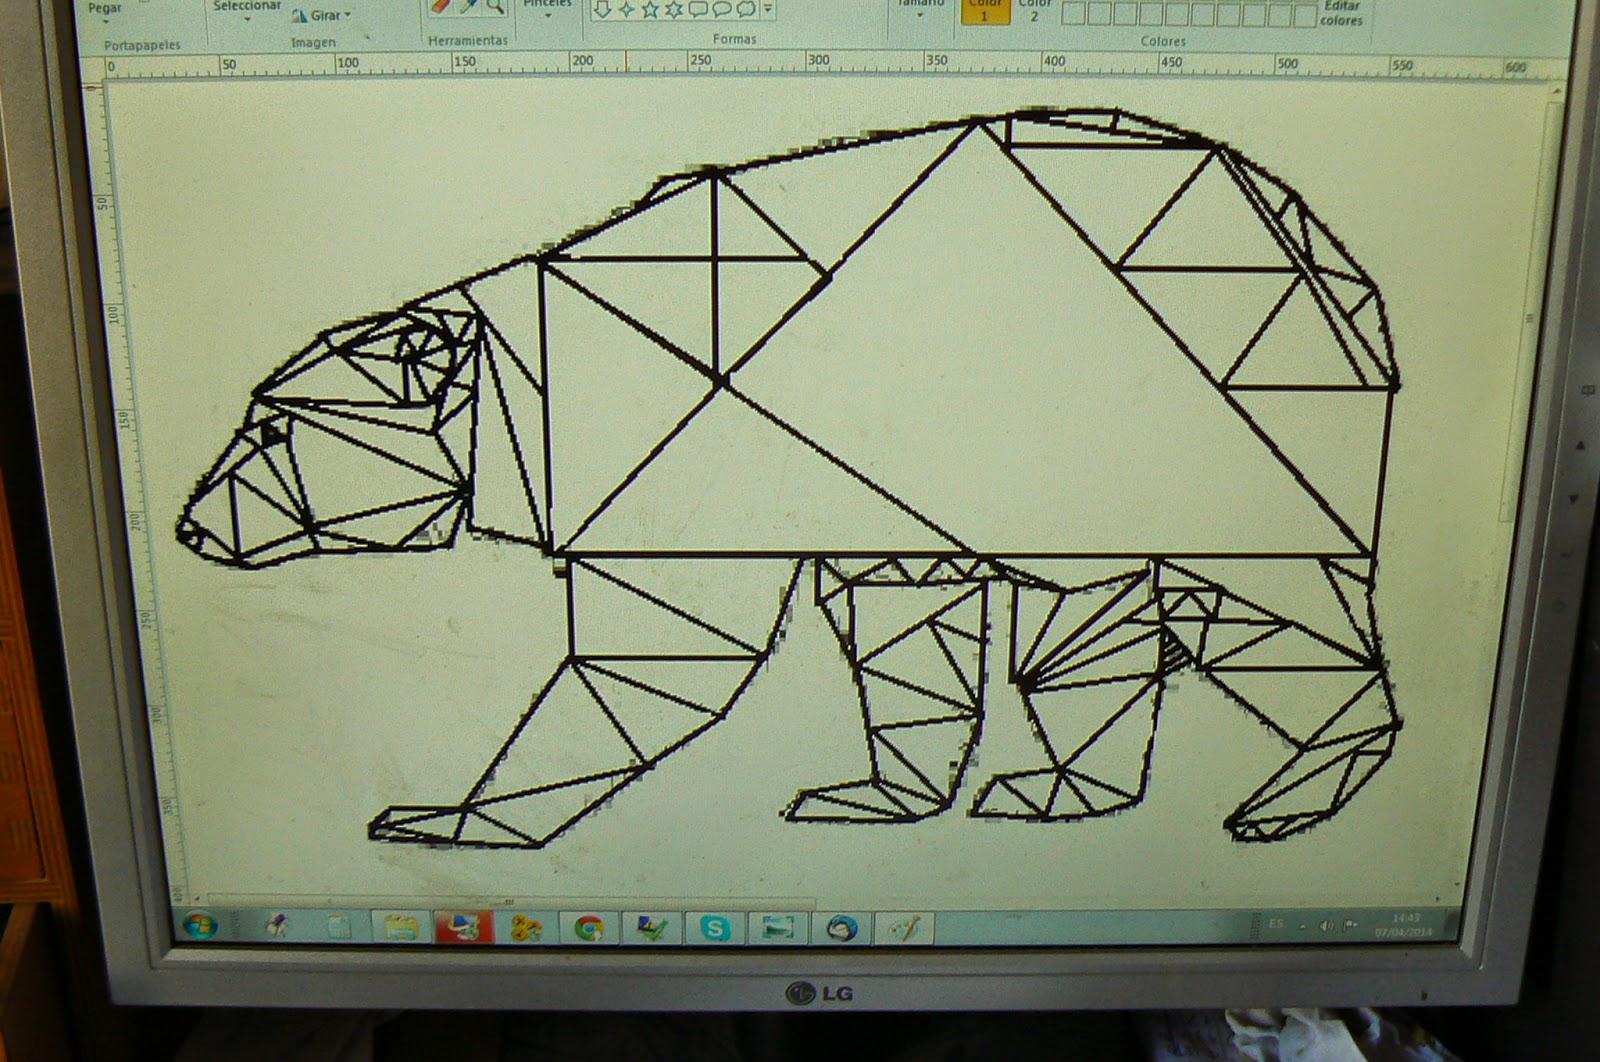 Orca Observar Recordar Crecer Y Aprender Libreta De Dibujo: Dibujos De Animales Con Triangulos